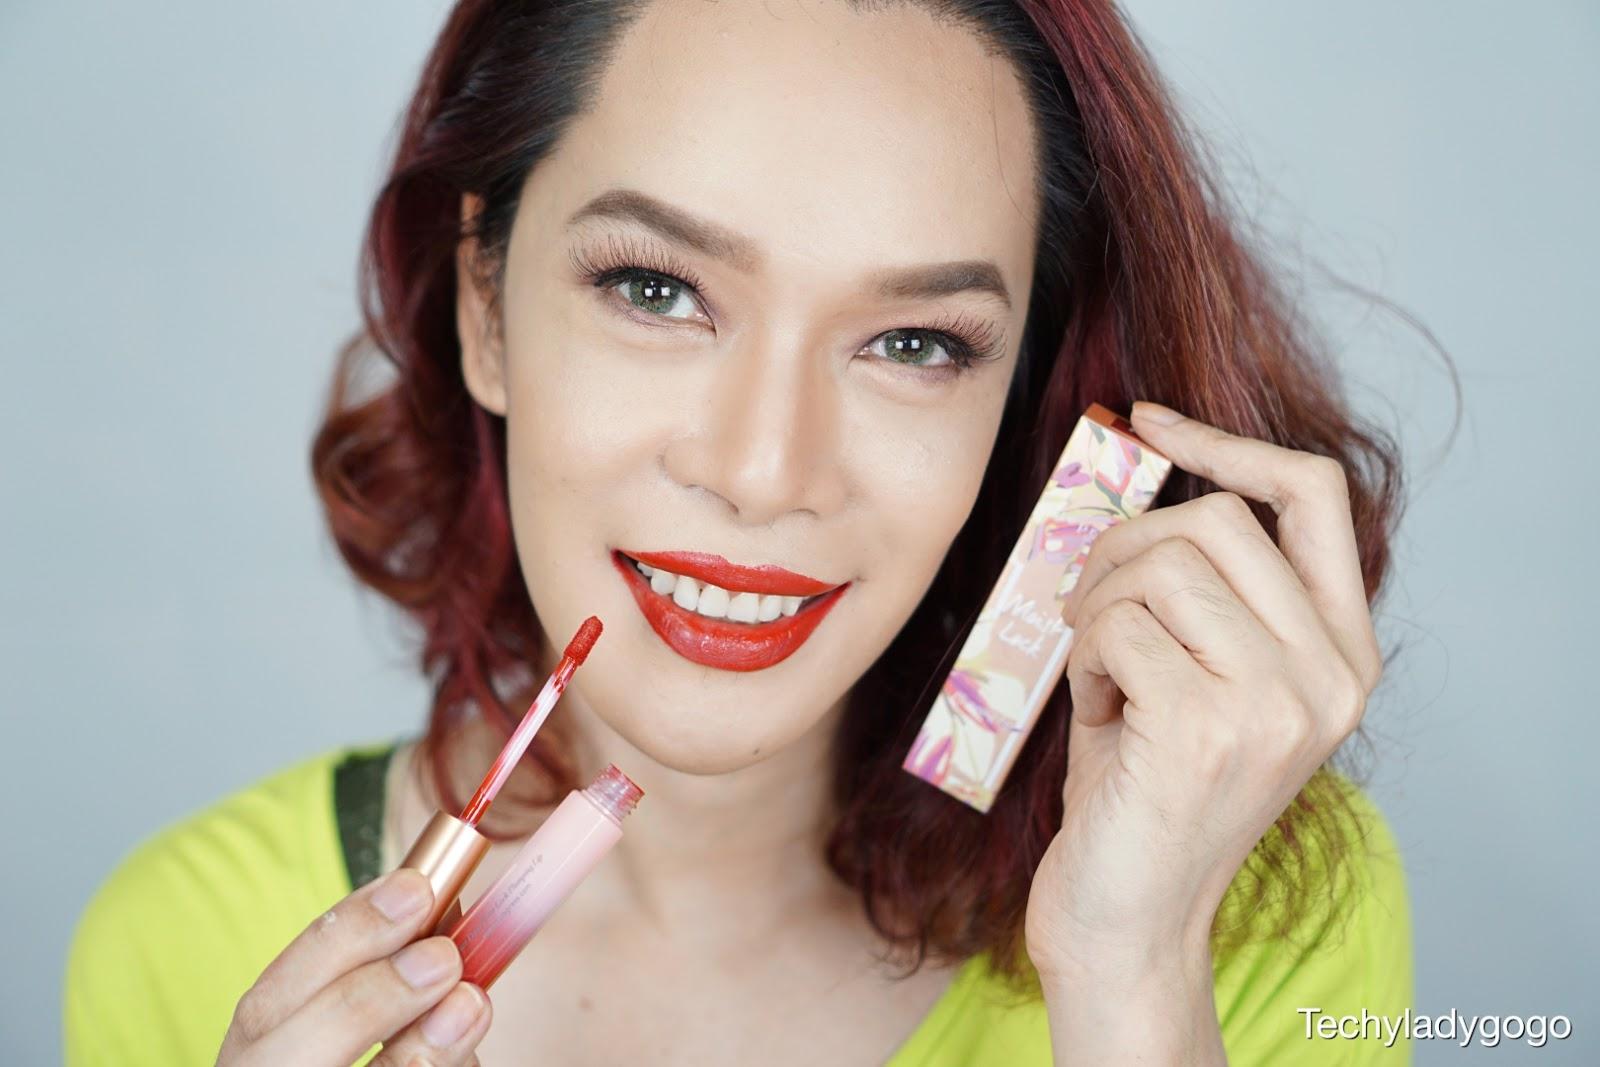 ปากแดง รีวิว ลิปสติก คิวท์เพรส แต่งหน้าด้วยเครื่องสำอาง คิวท์เพรส cute press twilight Garden eyeshadow palette and lip plumping